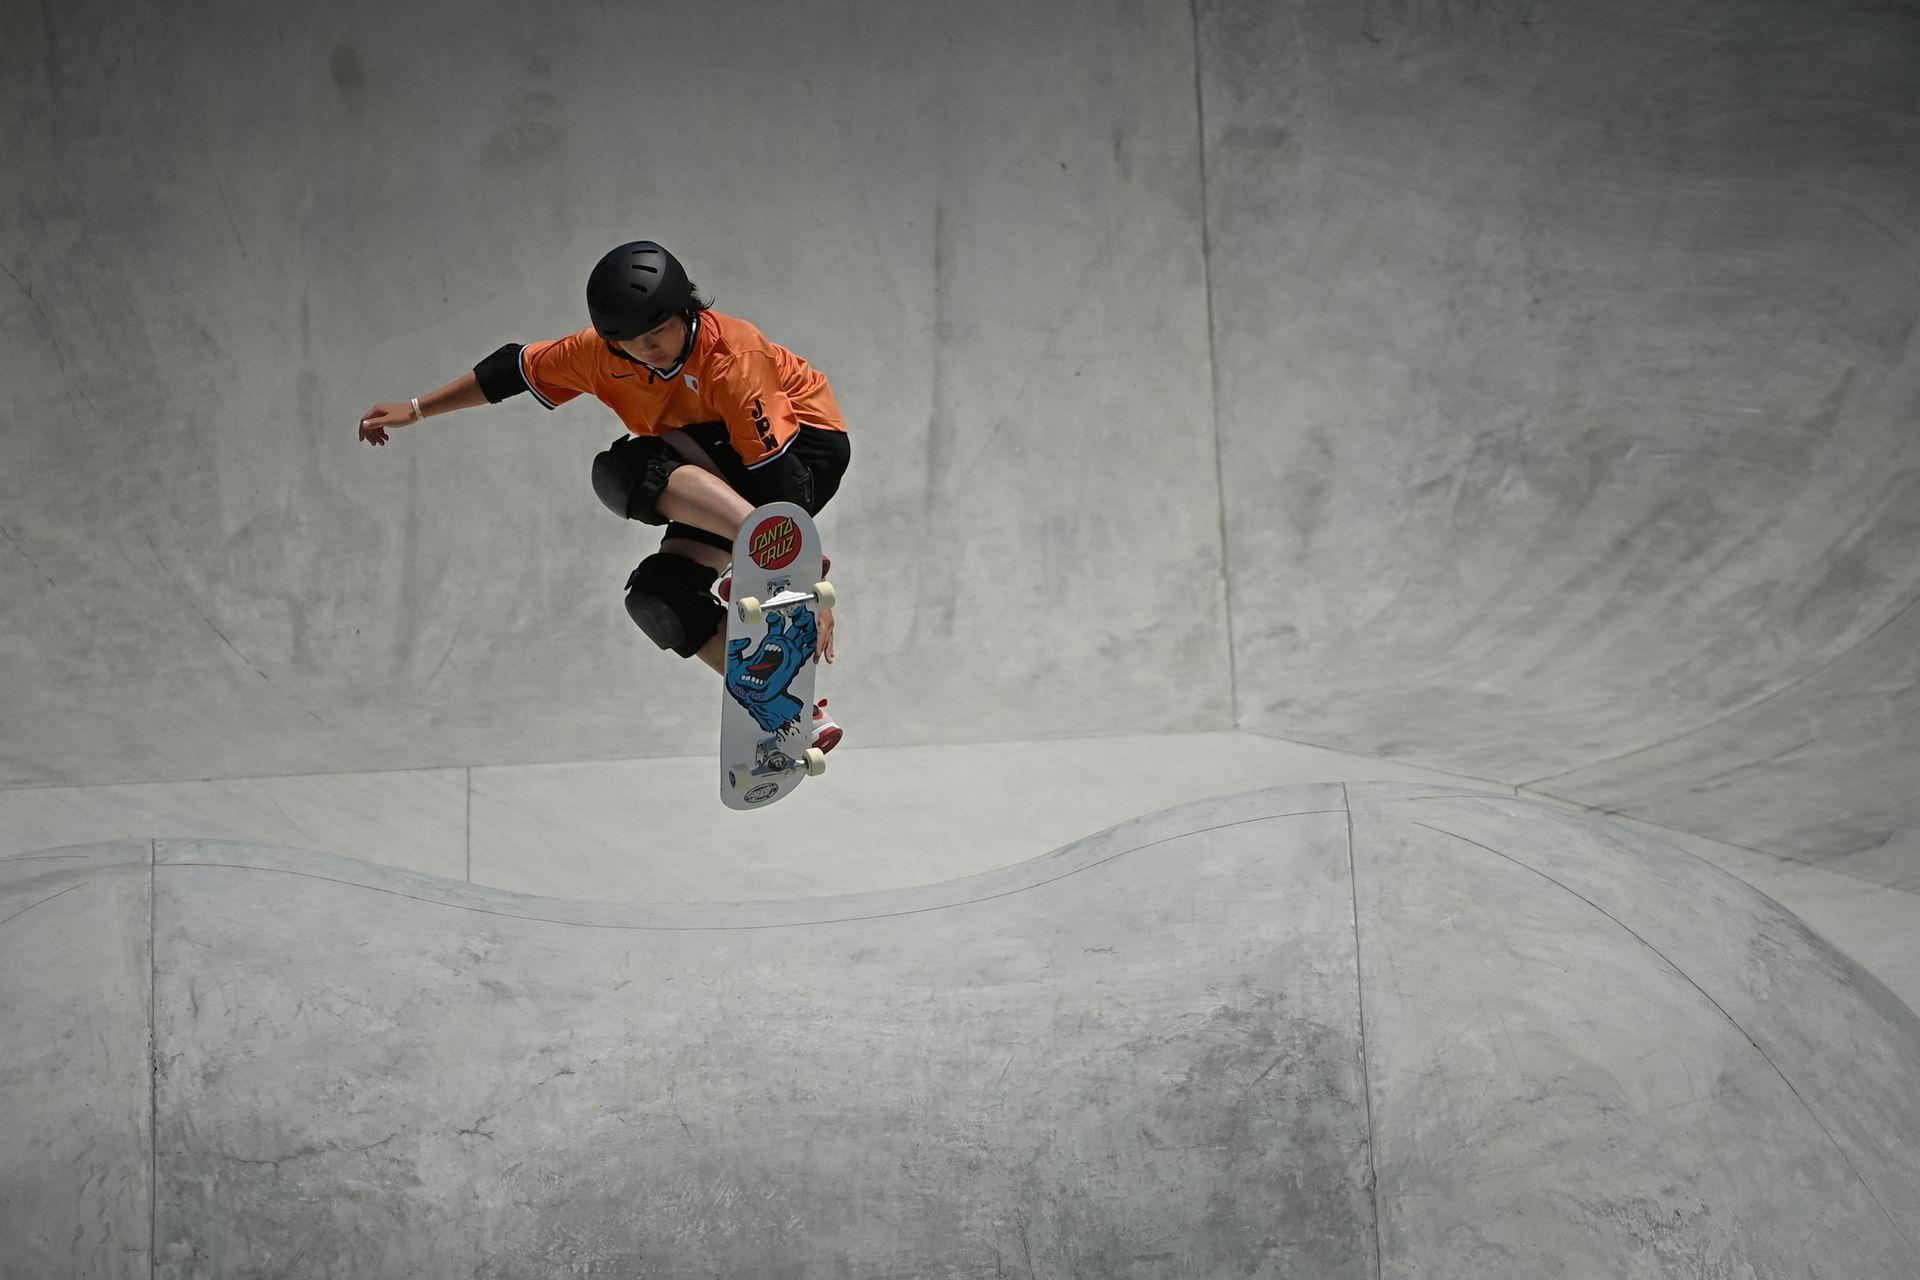 La japonesa Misugu Okamoto compite en las eliminatorias del parque femenino durante los Juegos Olímpicos de Tokio 2020 en Ariake Sports Park Skateboarding en Tokio el 4 de agosto de 2021.